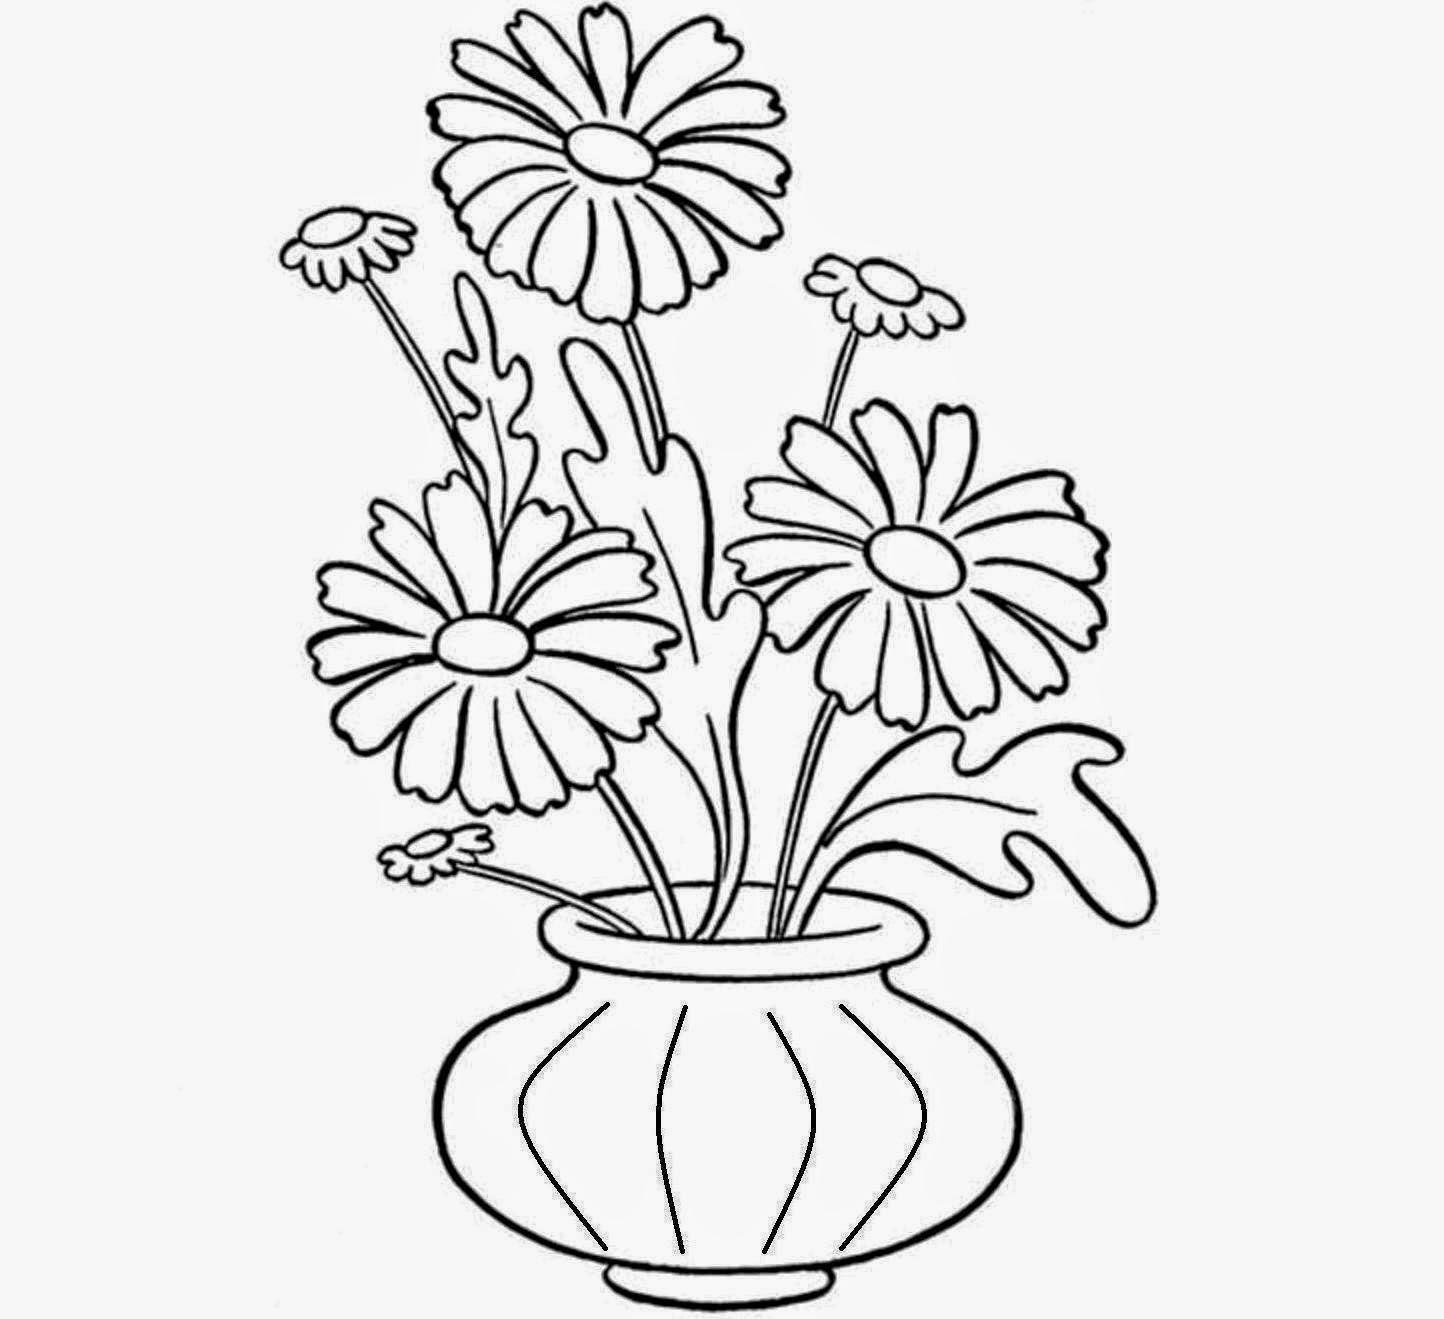 1444x1319 Simple Flower Vase Sketches Best Flower Line Drawings Ideas